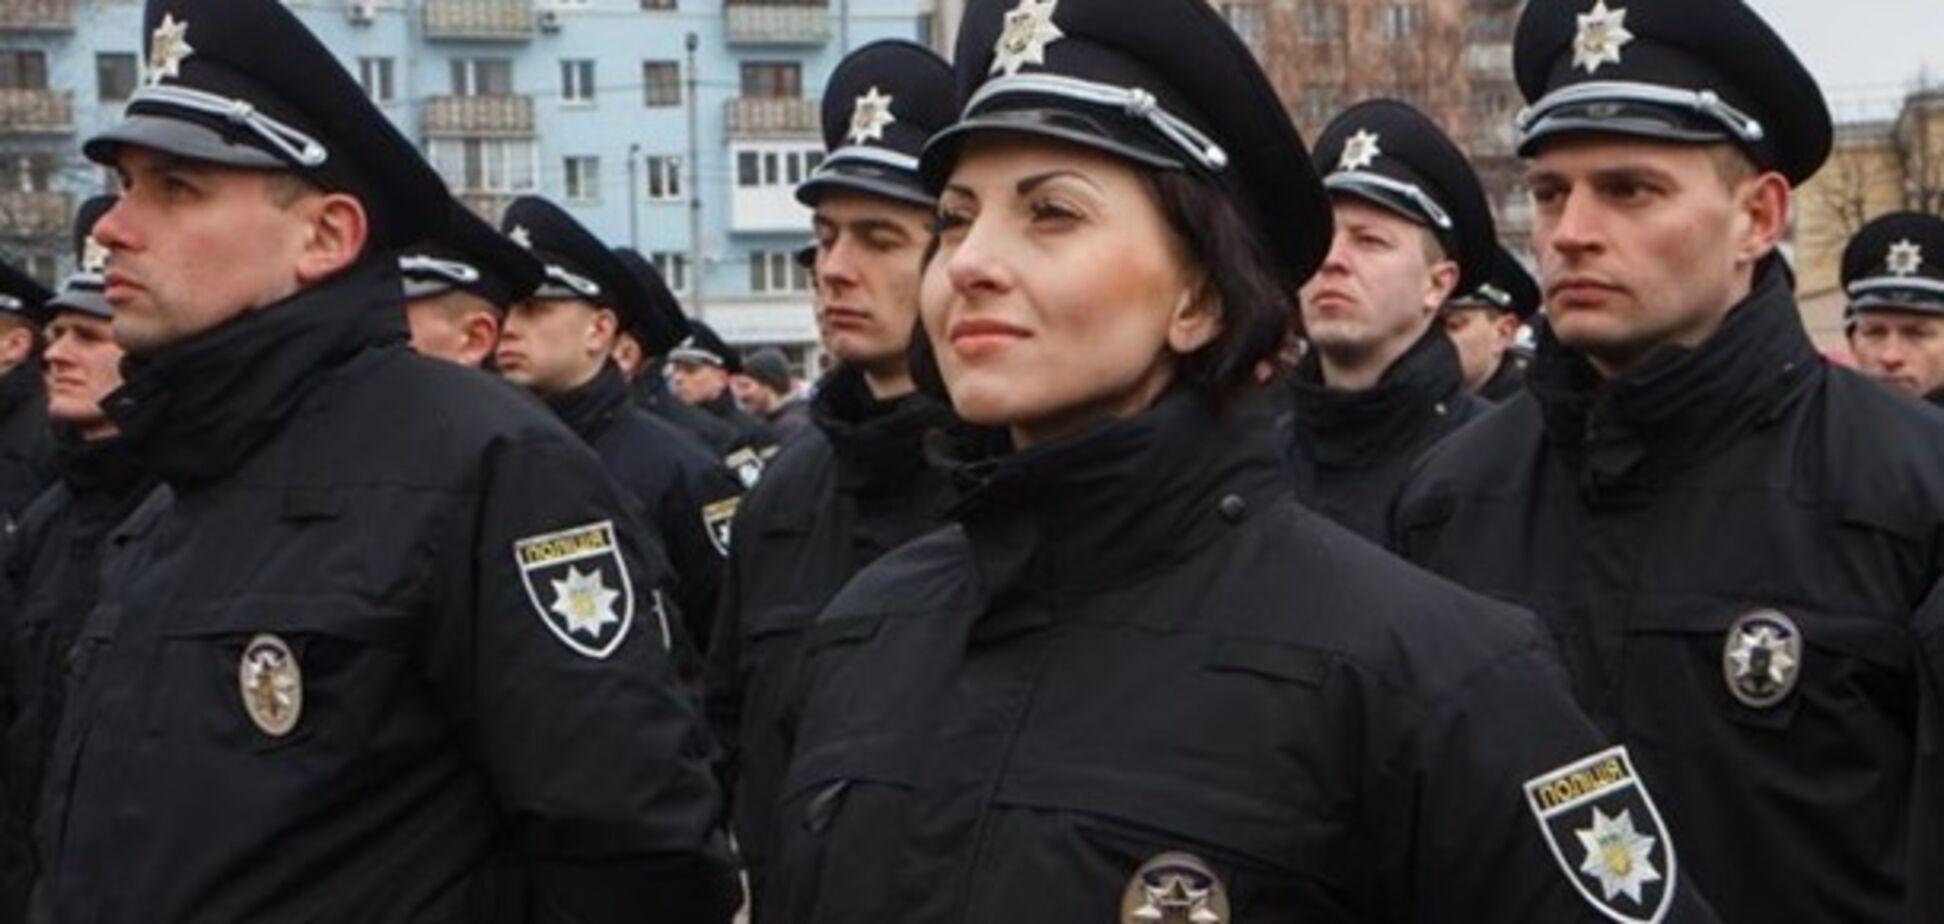 Патрульные полицейские. Источник: Корреспондент.net